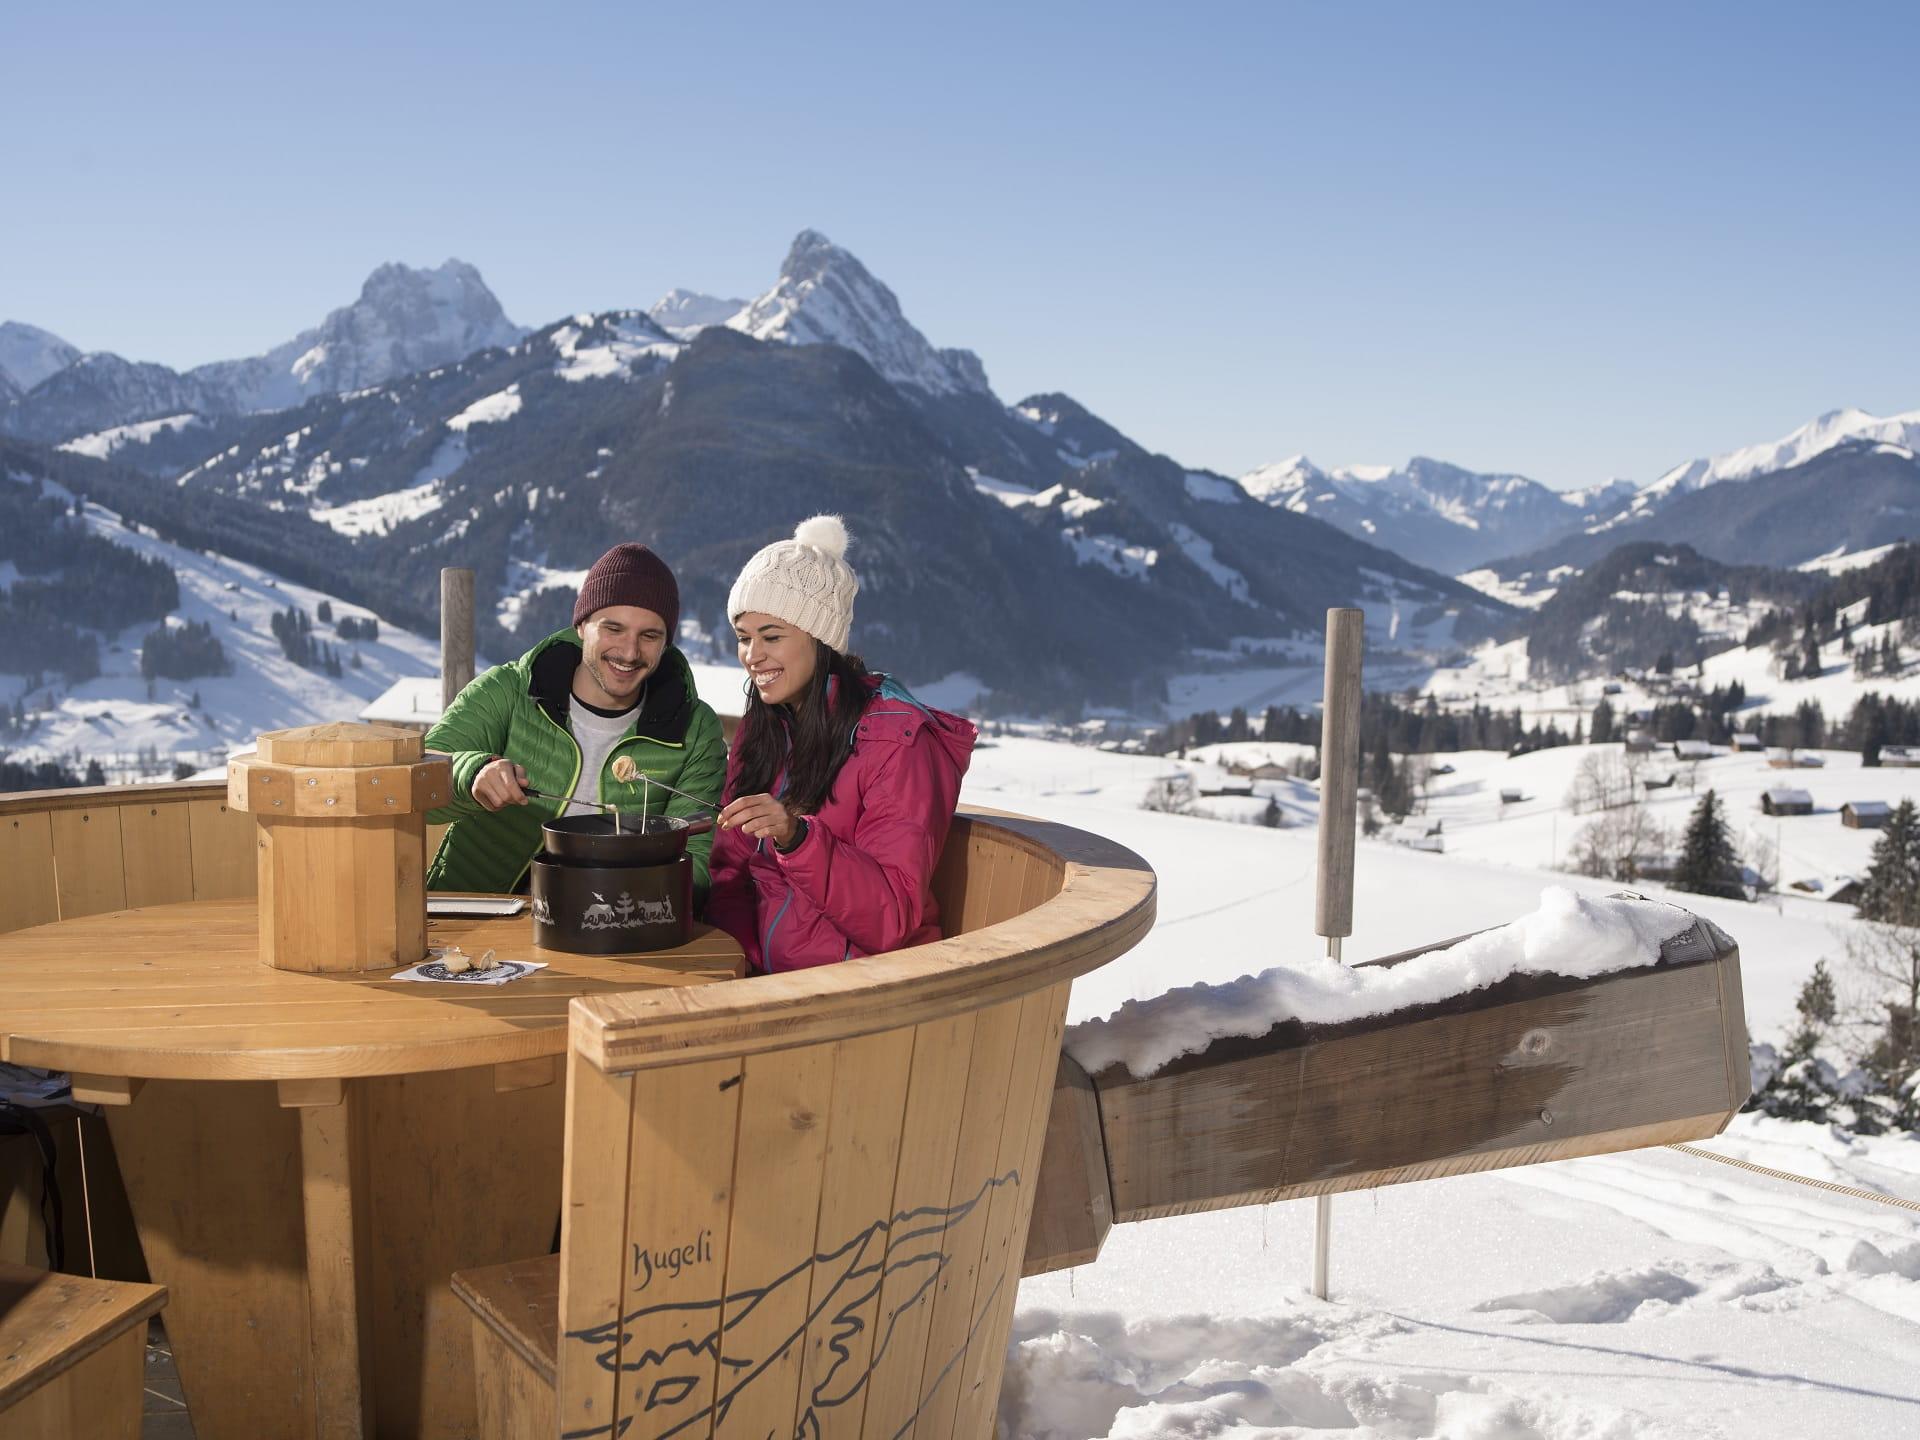 Im Fondueland Gstaad liegt nichts näher, als ein feines Fondue mitten in der Bergnatur zu geniessen.